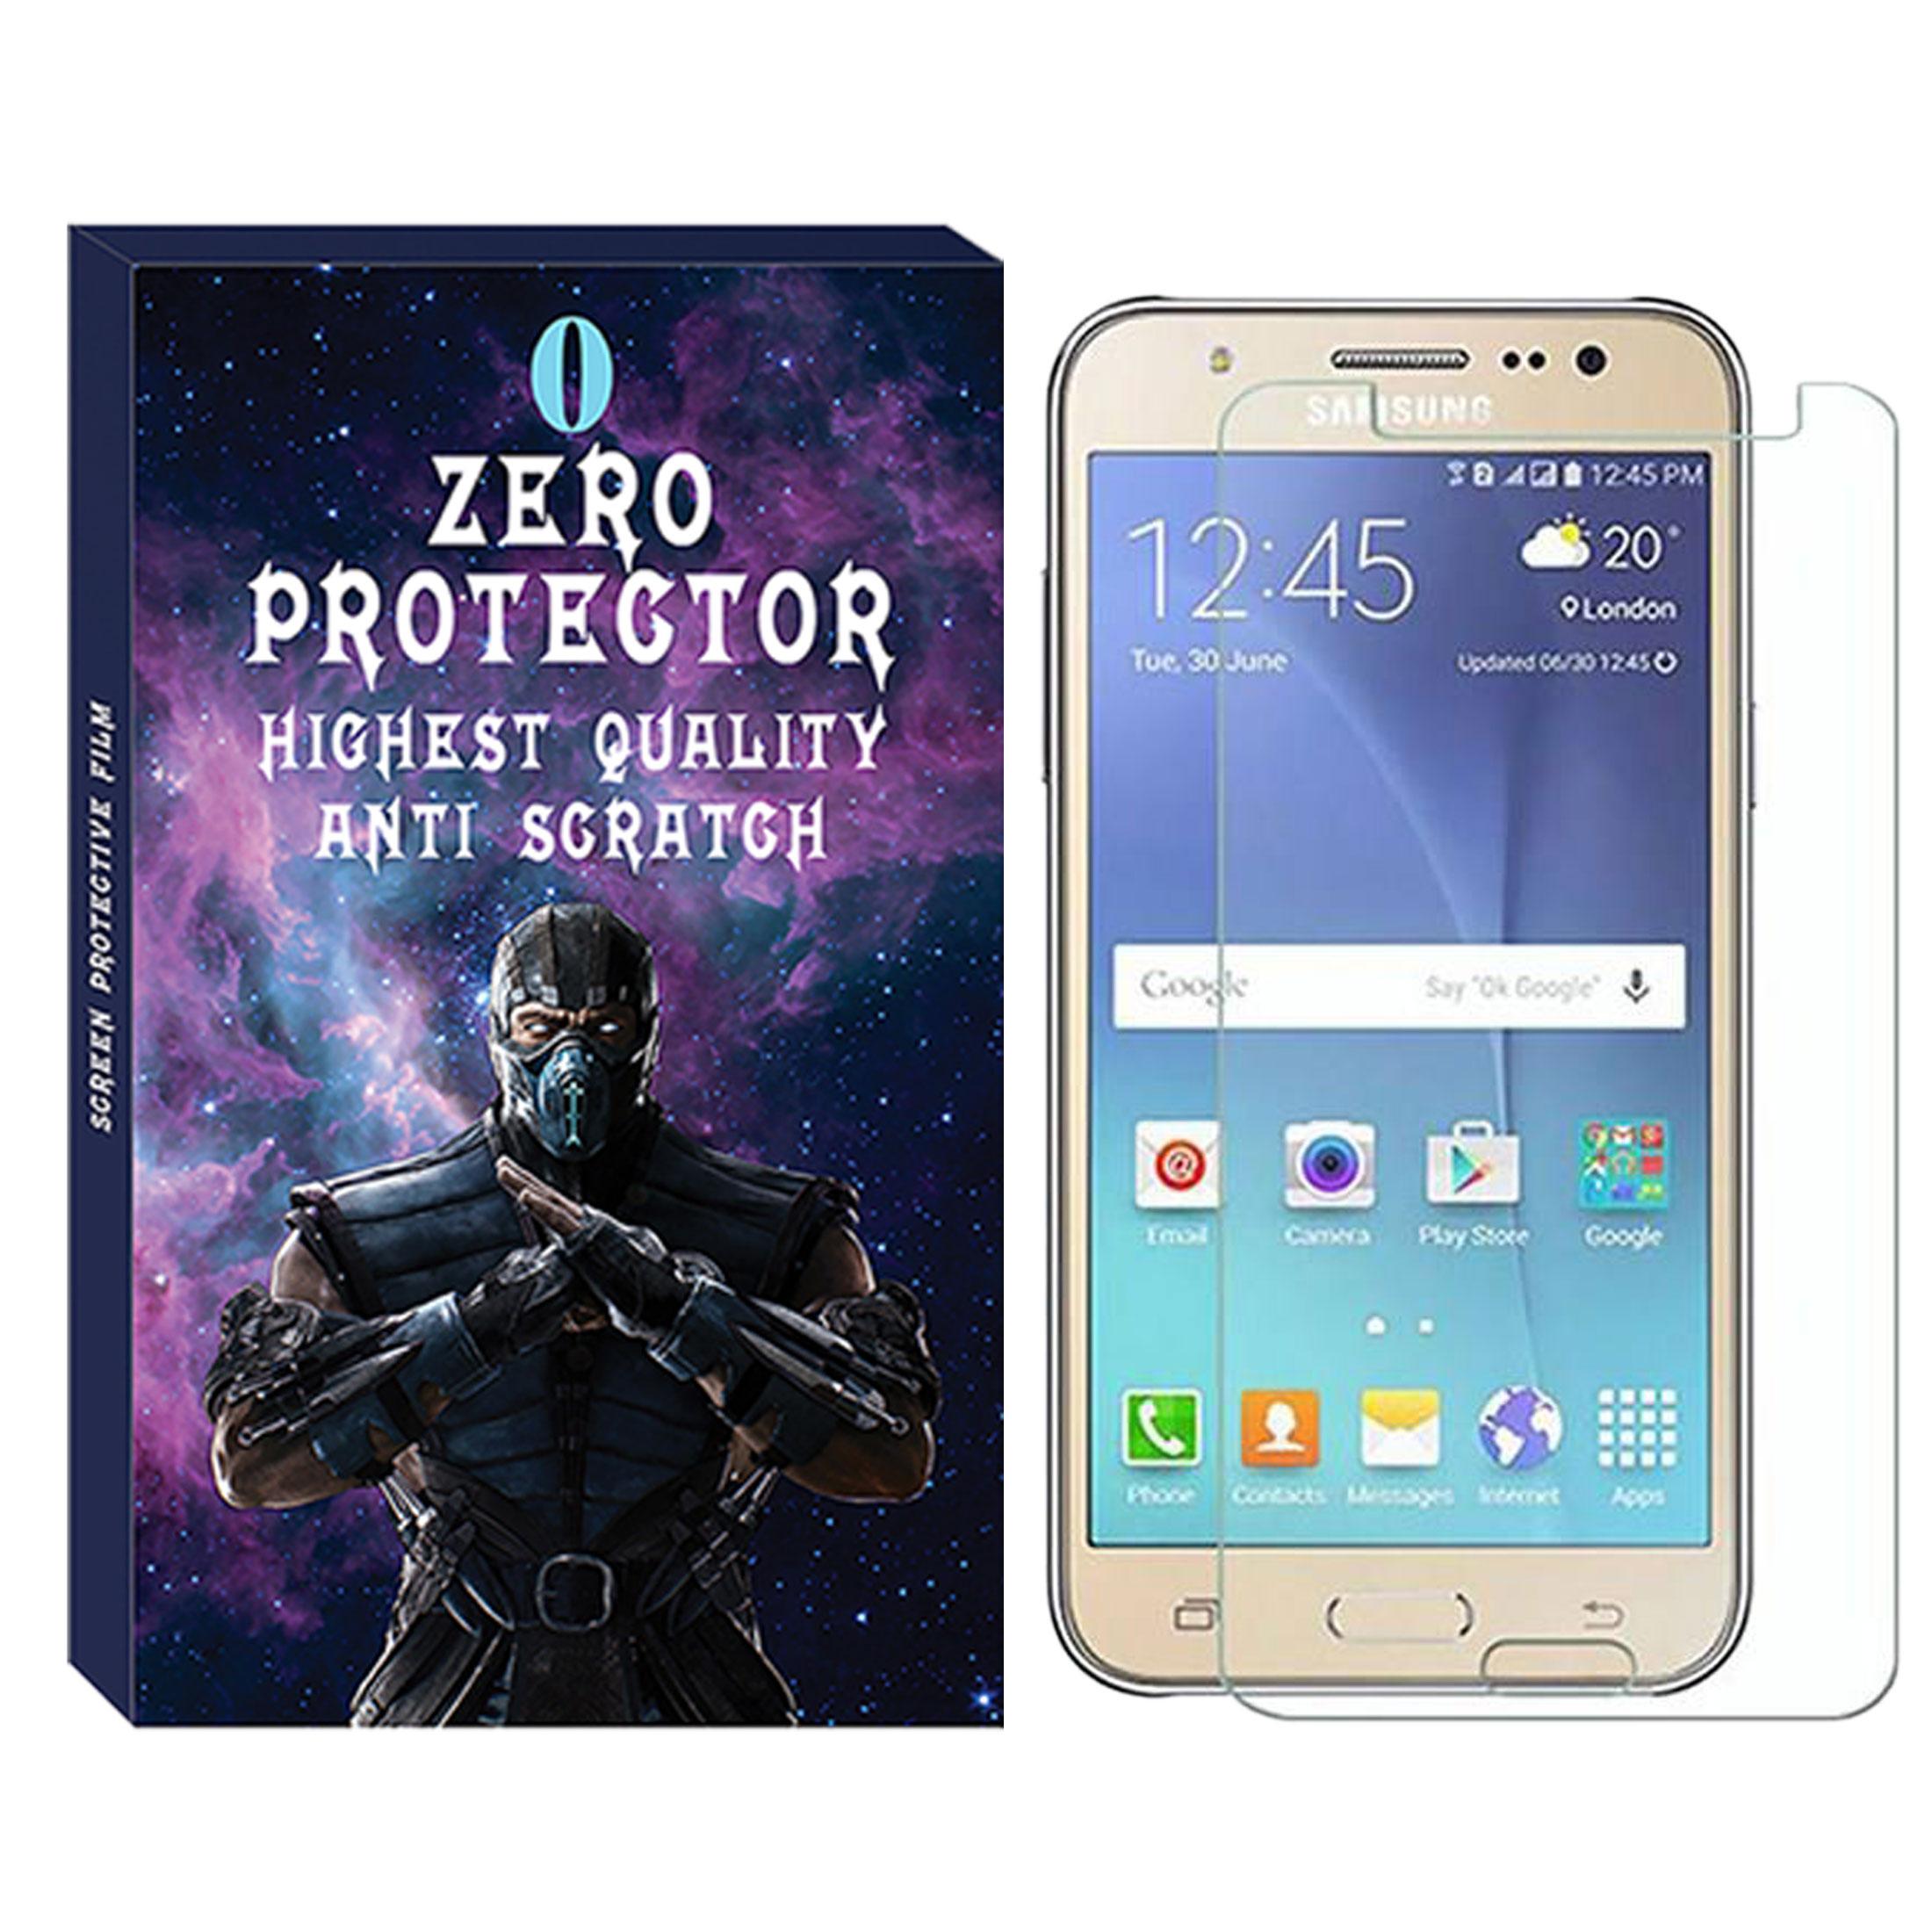 محافظ صفحه نمایش زیرو مدل SDZ-01 مناسب برای گوشی موبایل سامسونگ Galaxy J5 2015